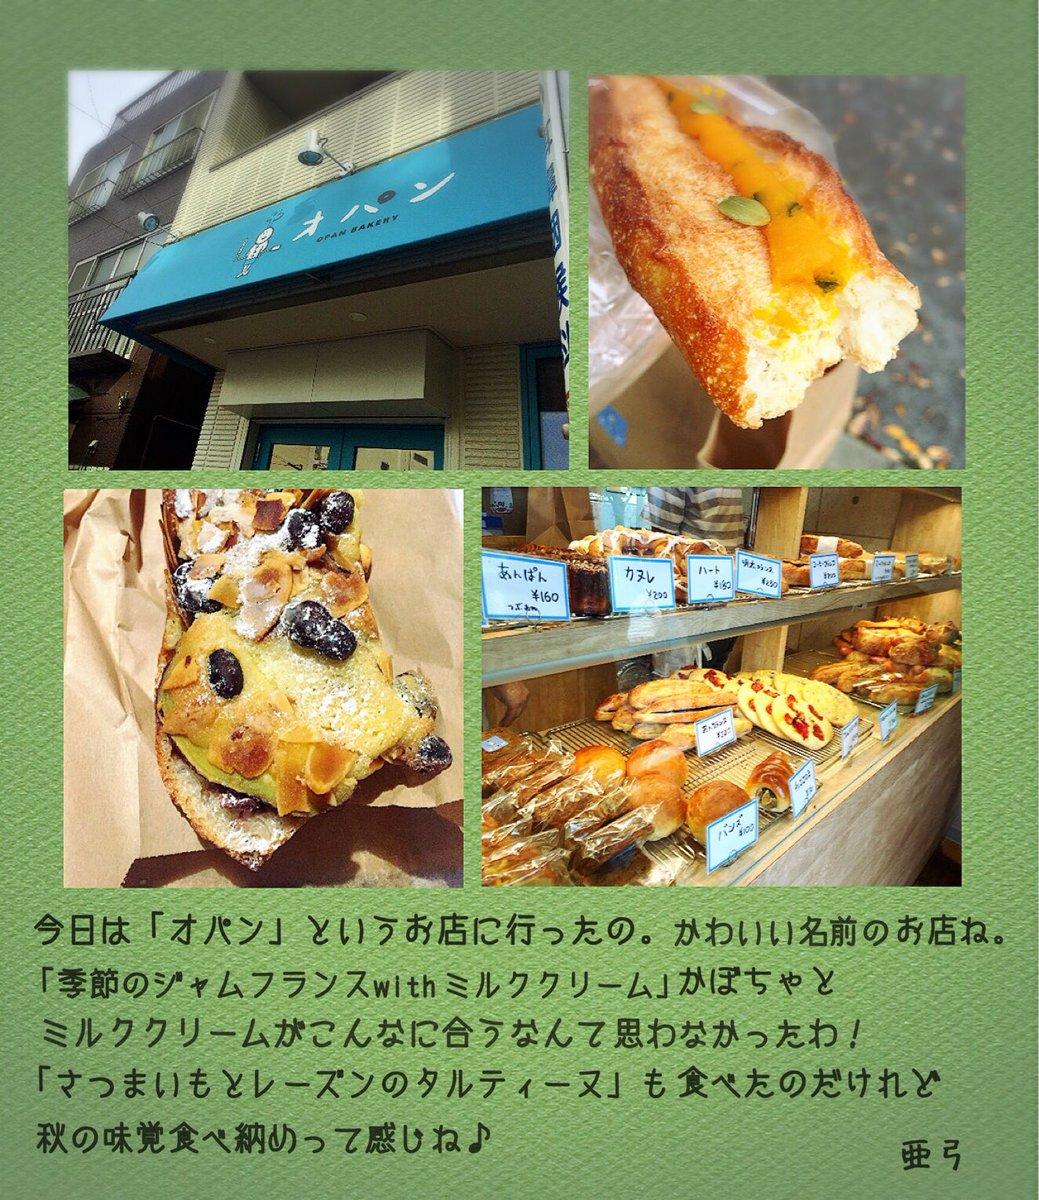 【亜弓のパンでランチ】亜弓のランチ写真が届きました!おパン…(スタッフ)#3Dガラスの仮面 #亜弓のパンでランチシリーズ